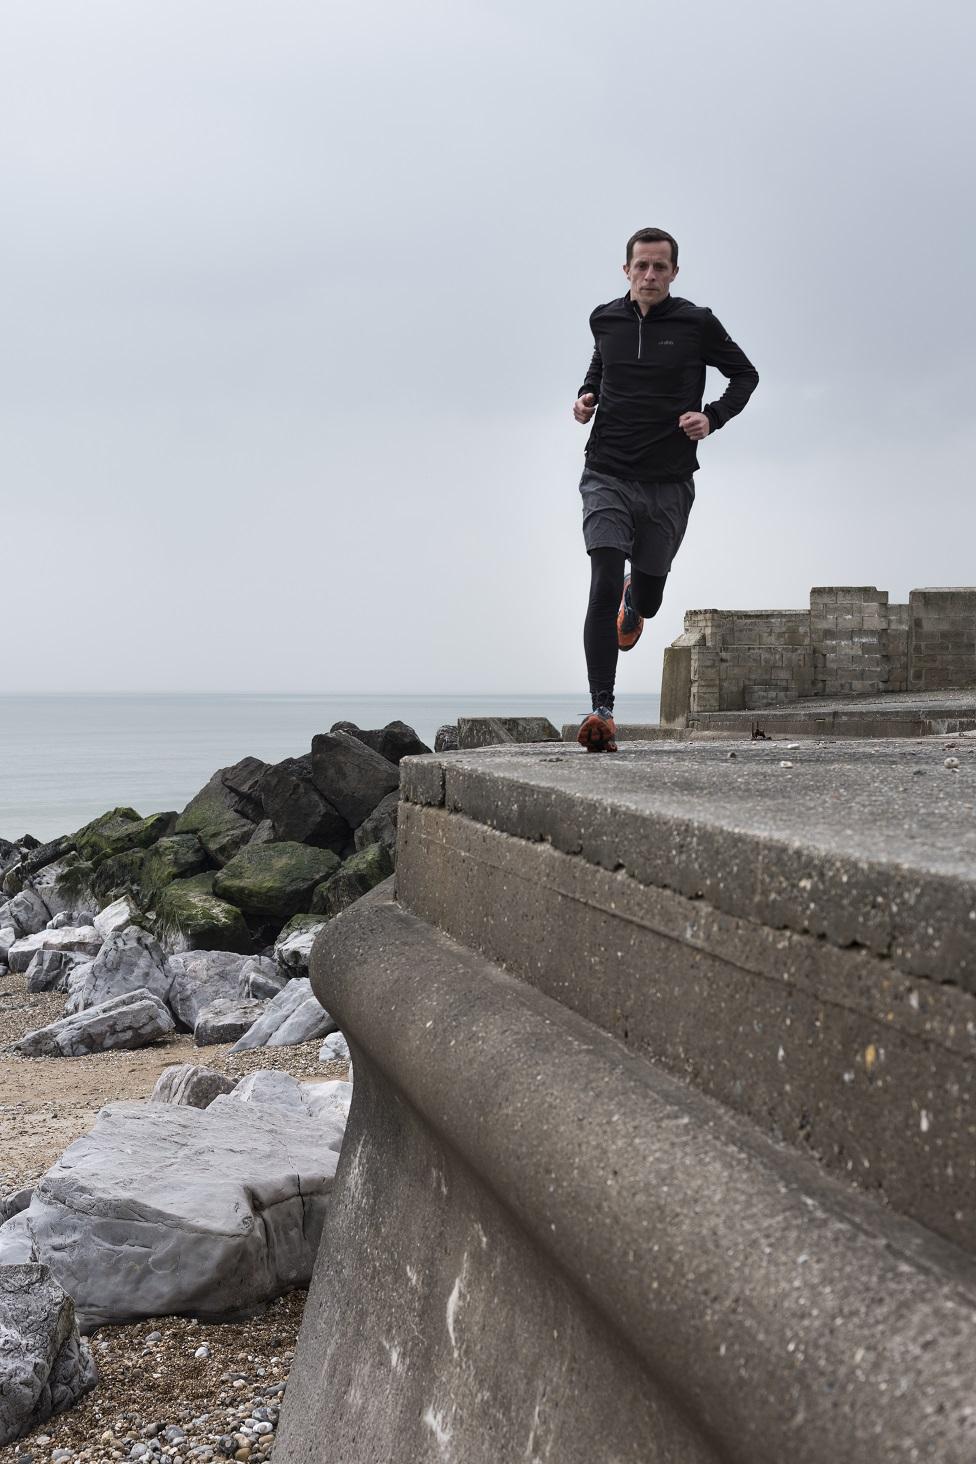 Paul Shepherd running